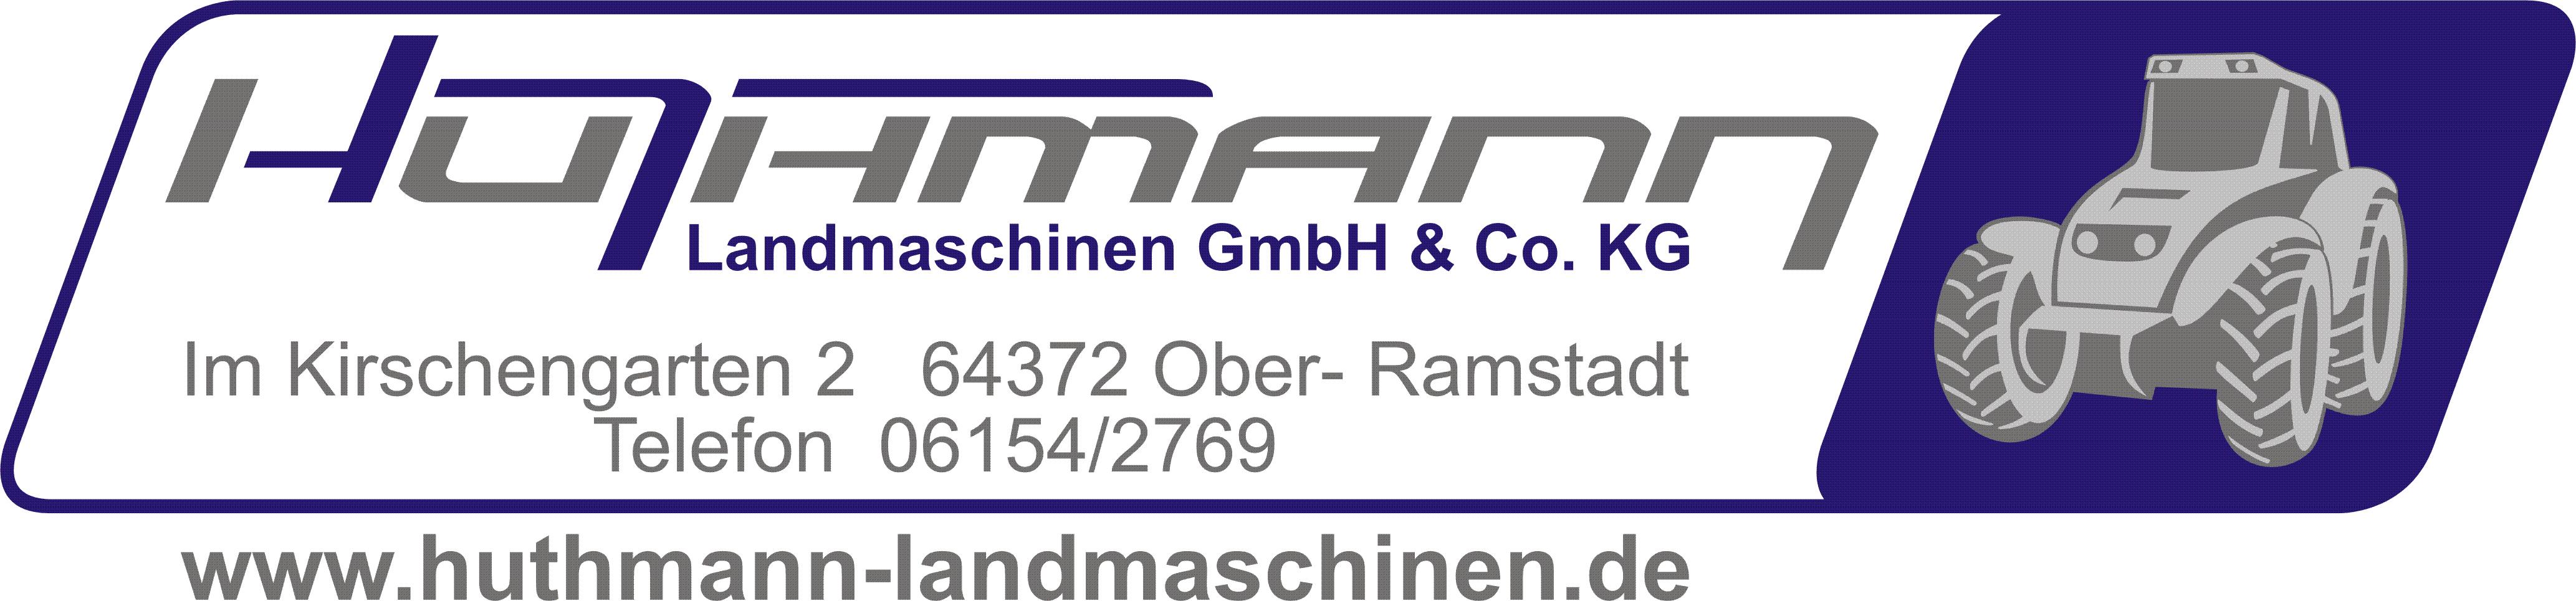 Huthmann Landmaschinen